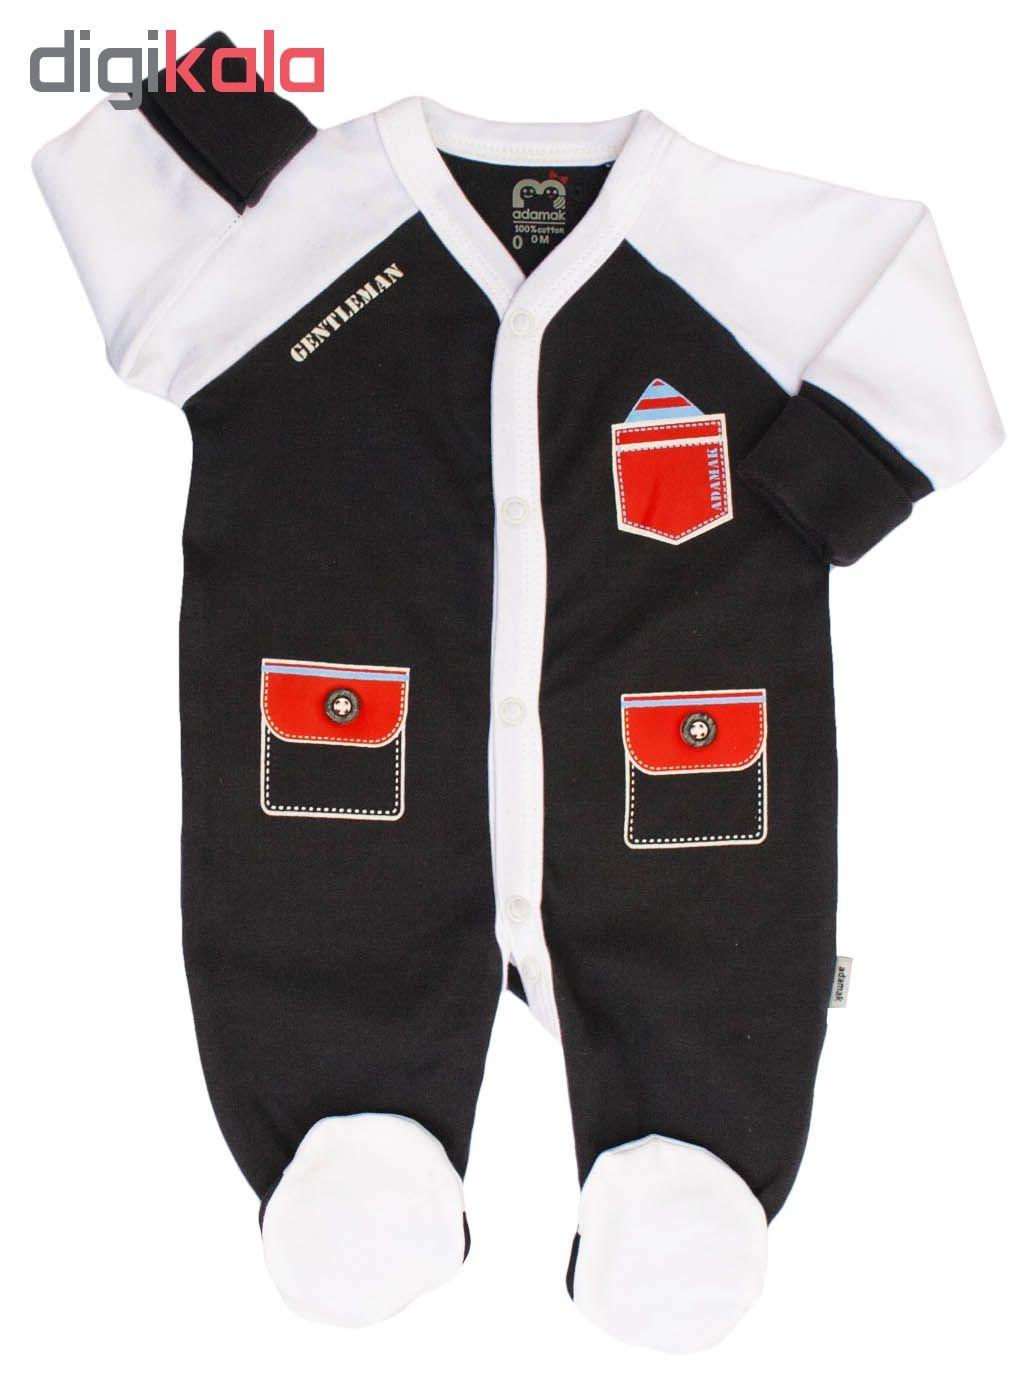 ست 3 تکه لباس نوزادی آدمک طرح جنتلمن کد 10